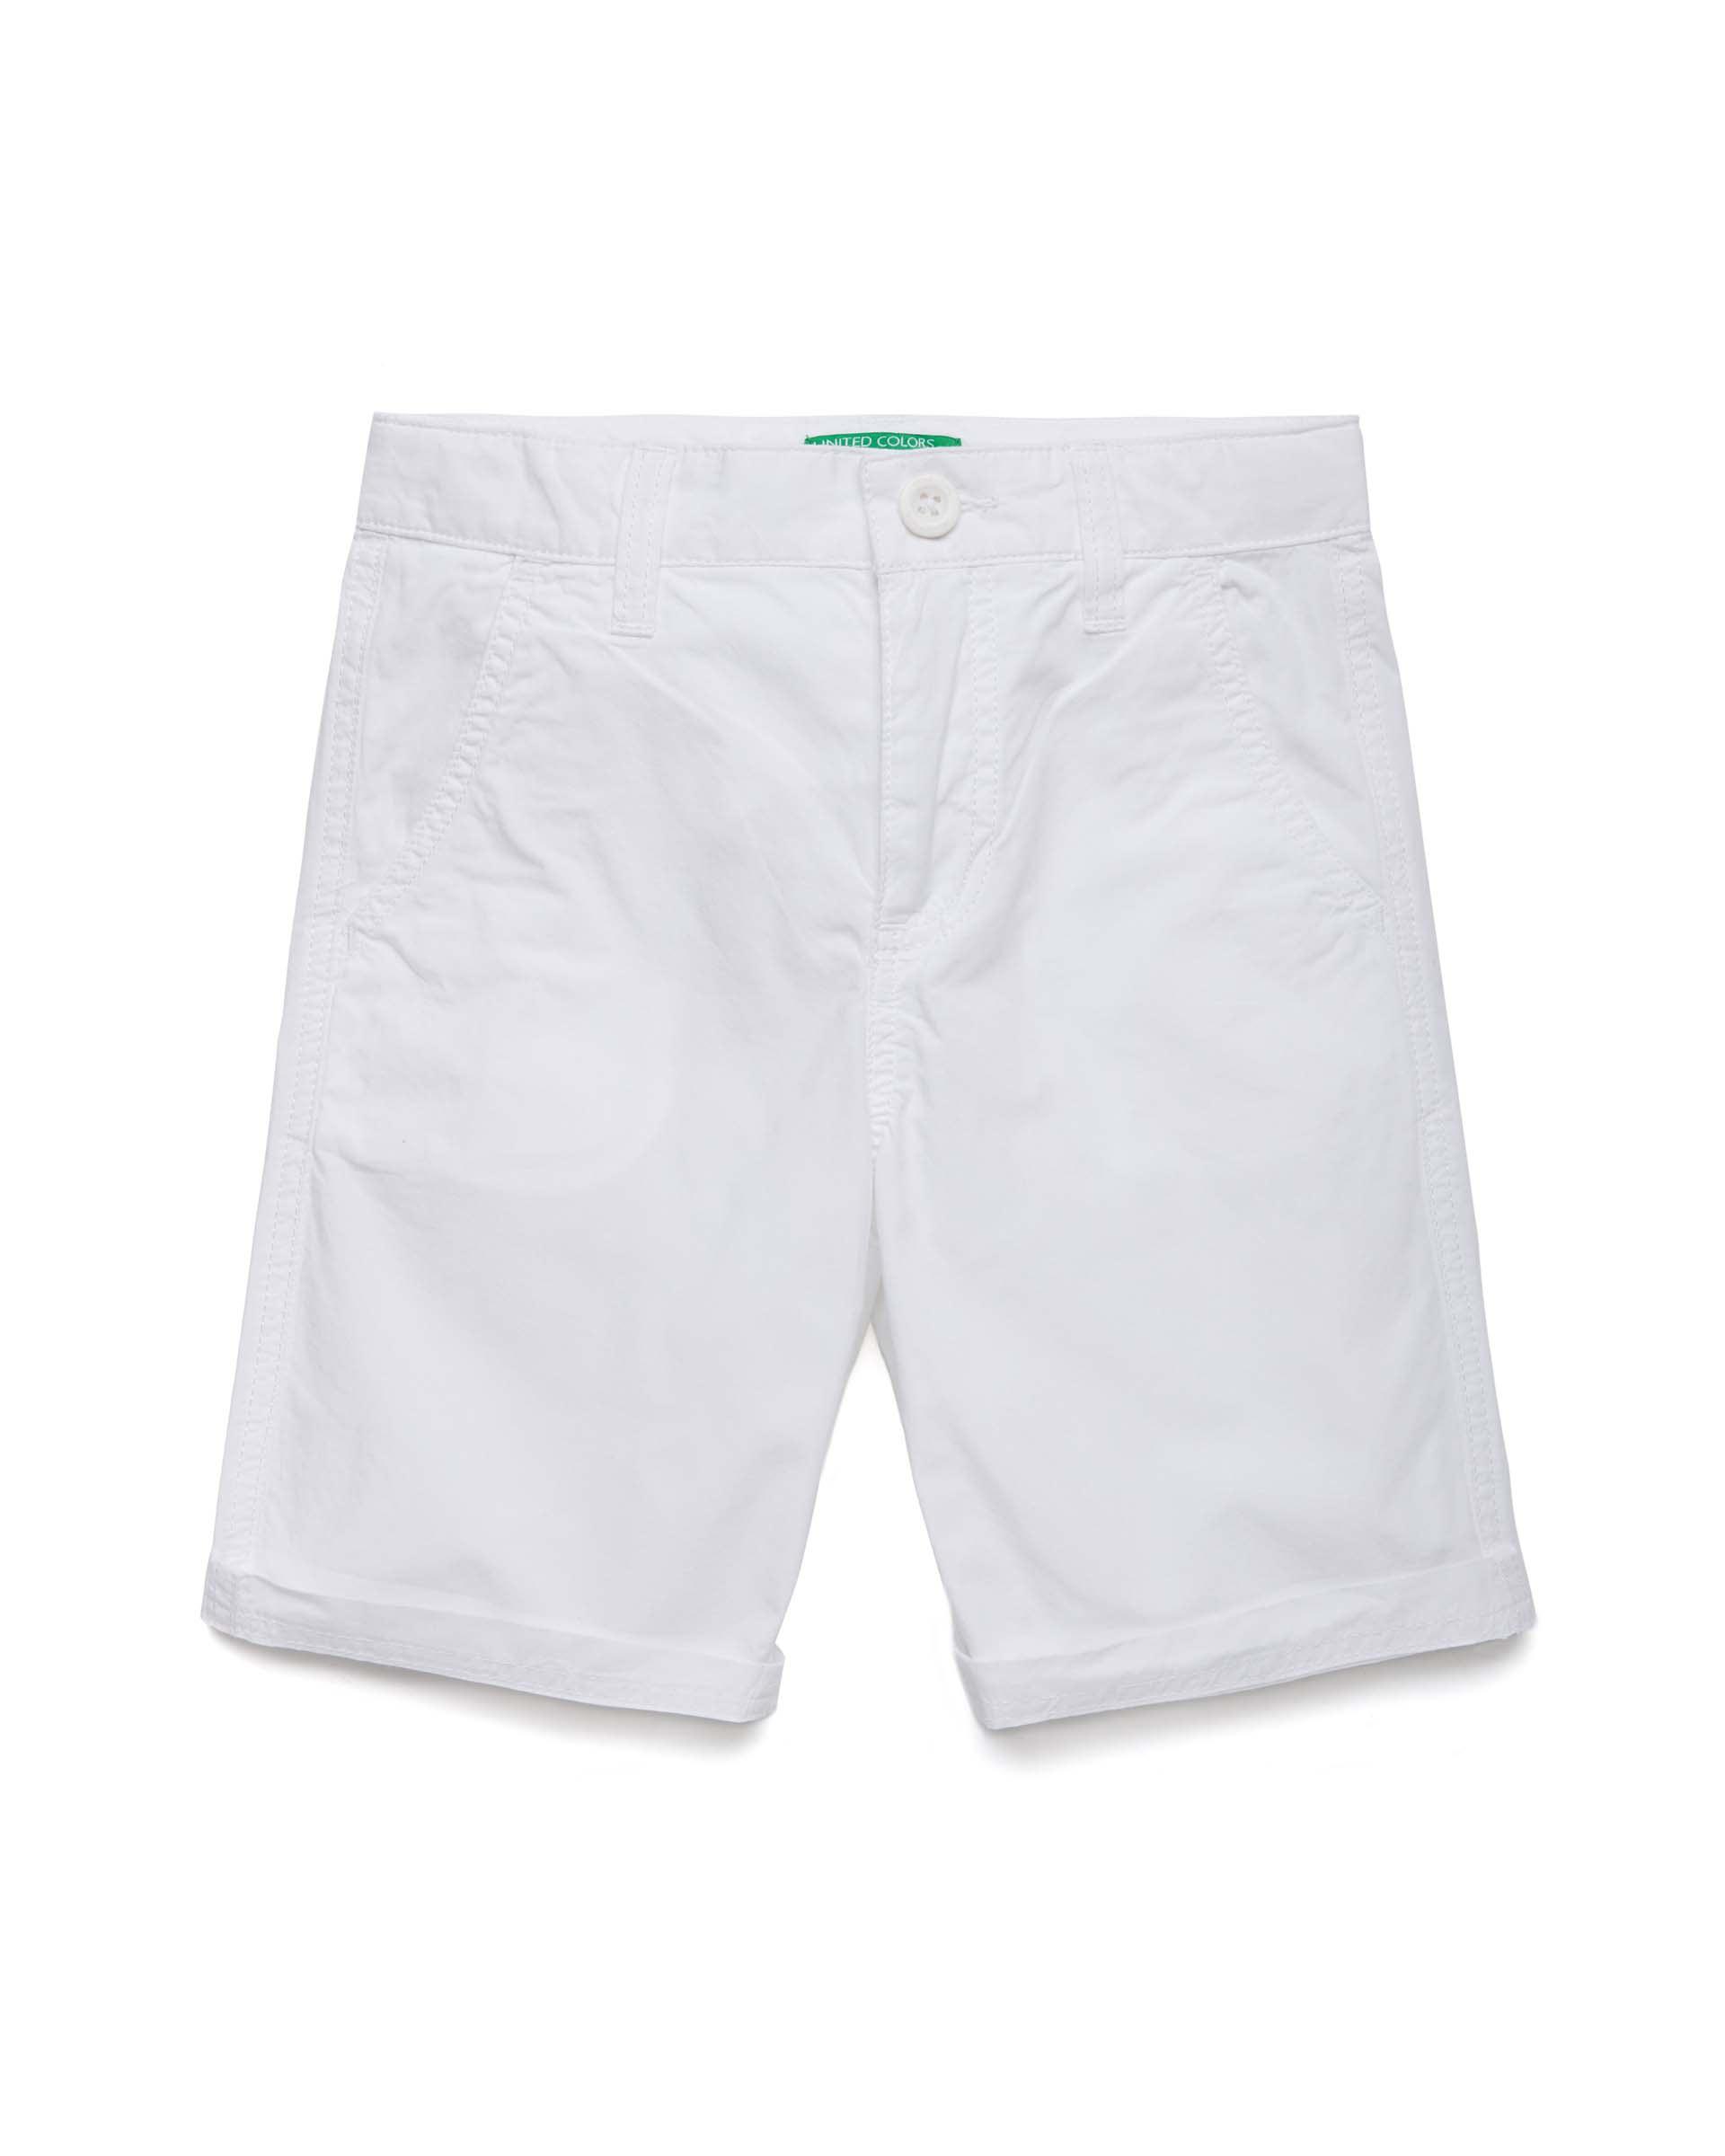 Купить 20P_4AC759270_101, Шорты для мальчиков Benetton 4AC759270_101 р-р 122, United Colors of Benetton